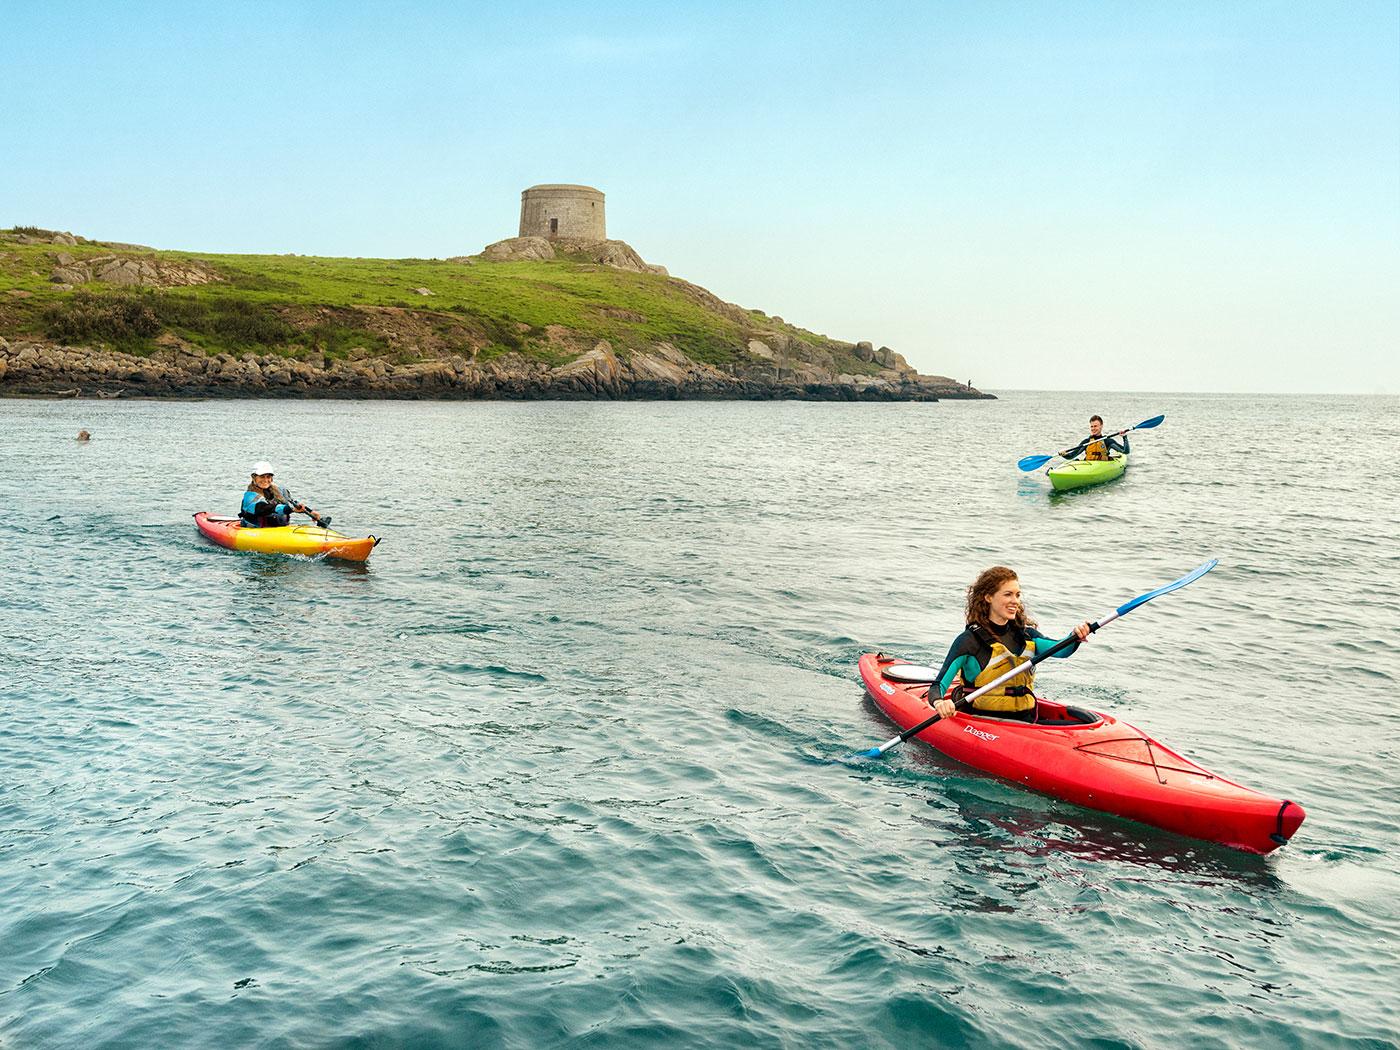 DLR tourism things to do kayacking